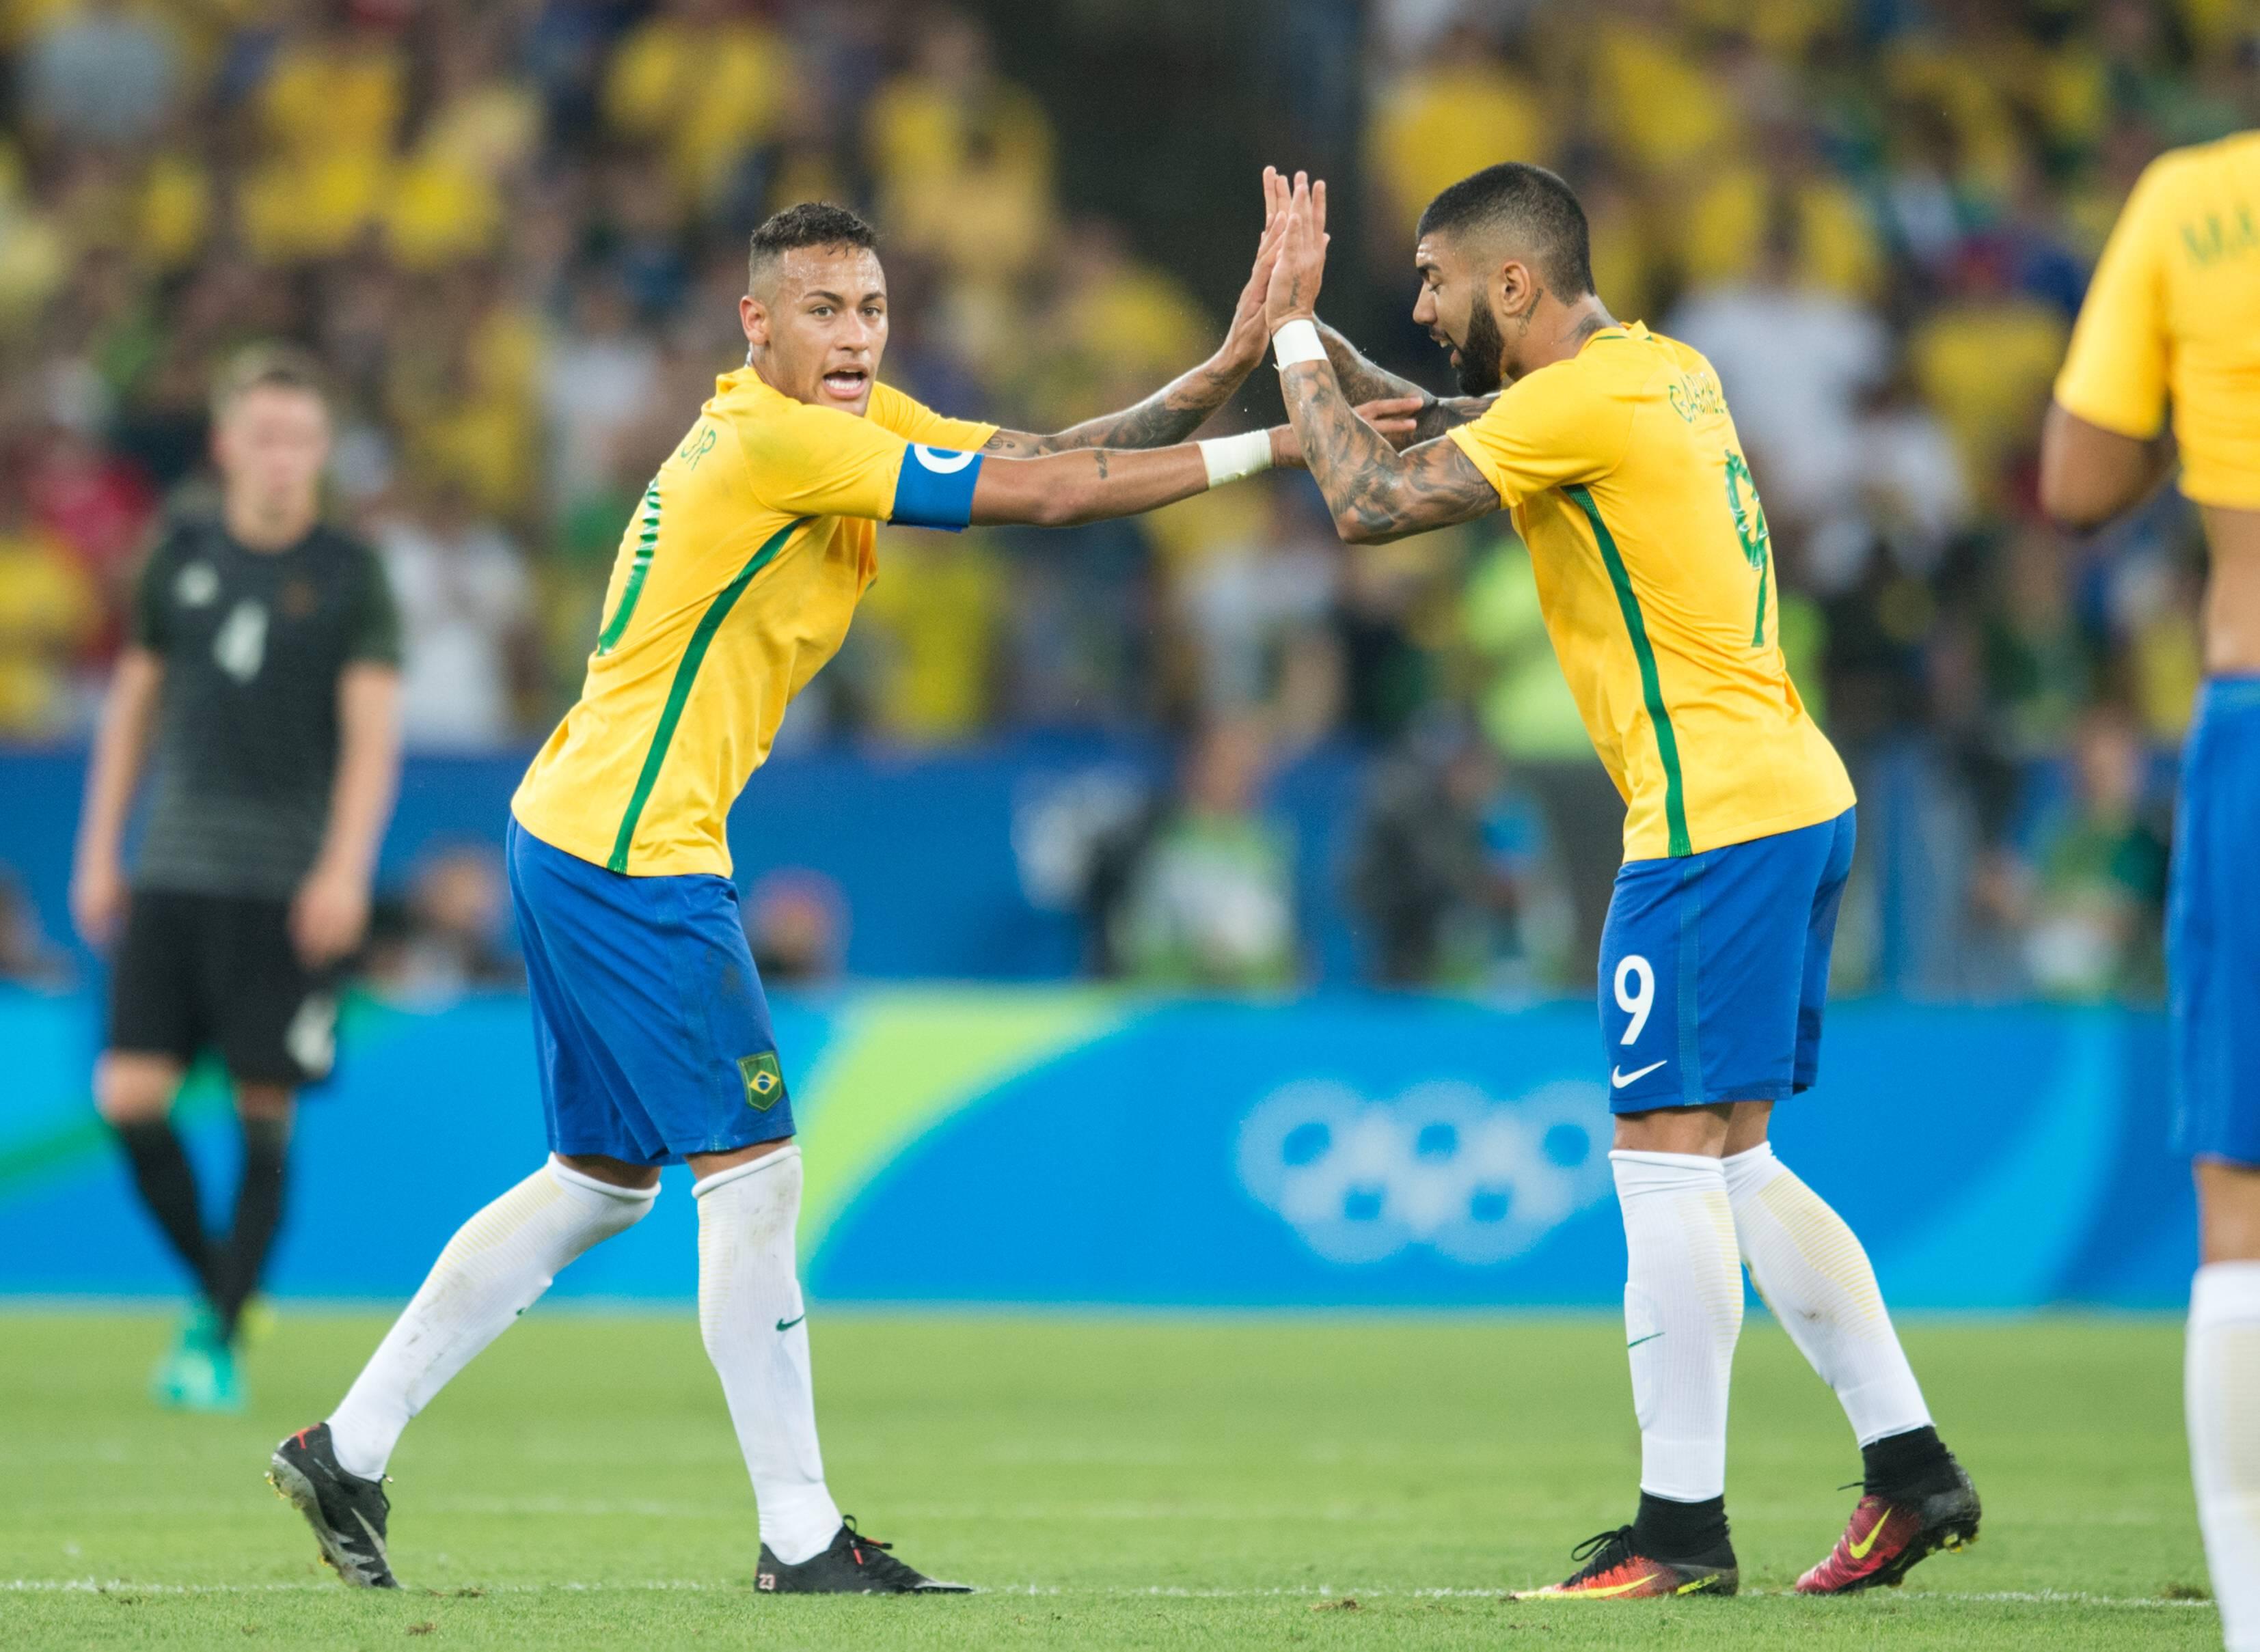 เนย์มาร์ พูดถึงนักฟุตบอลชาวบราซิลคนไหนที่มีโอกาสเล่นในยุโรป